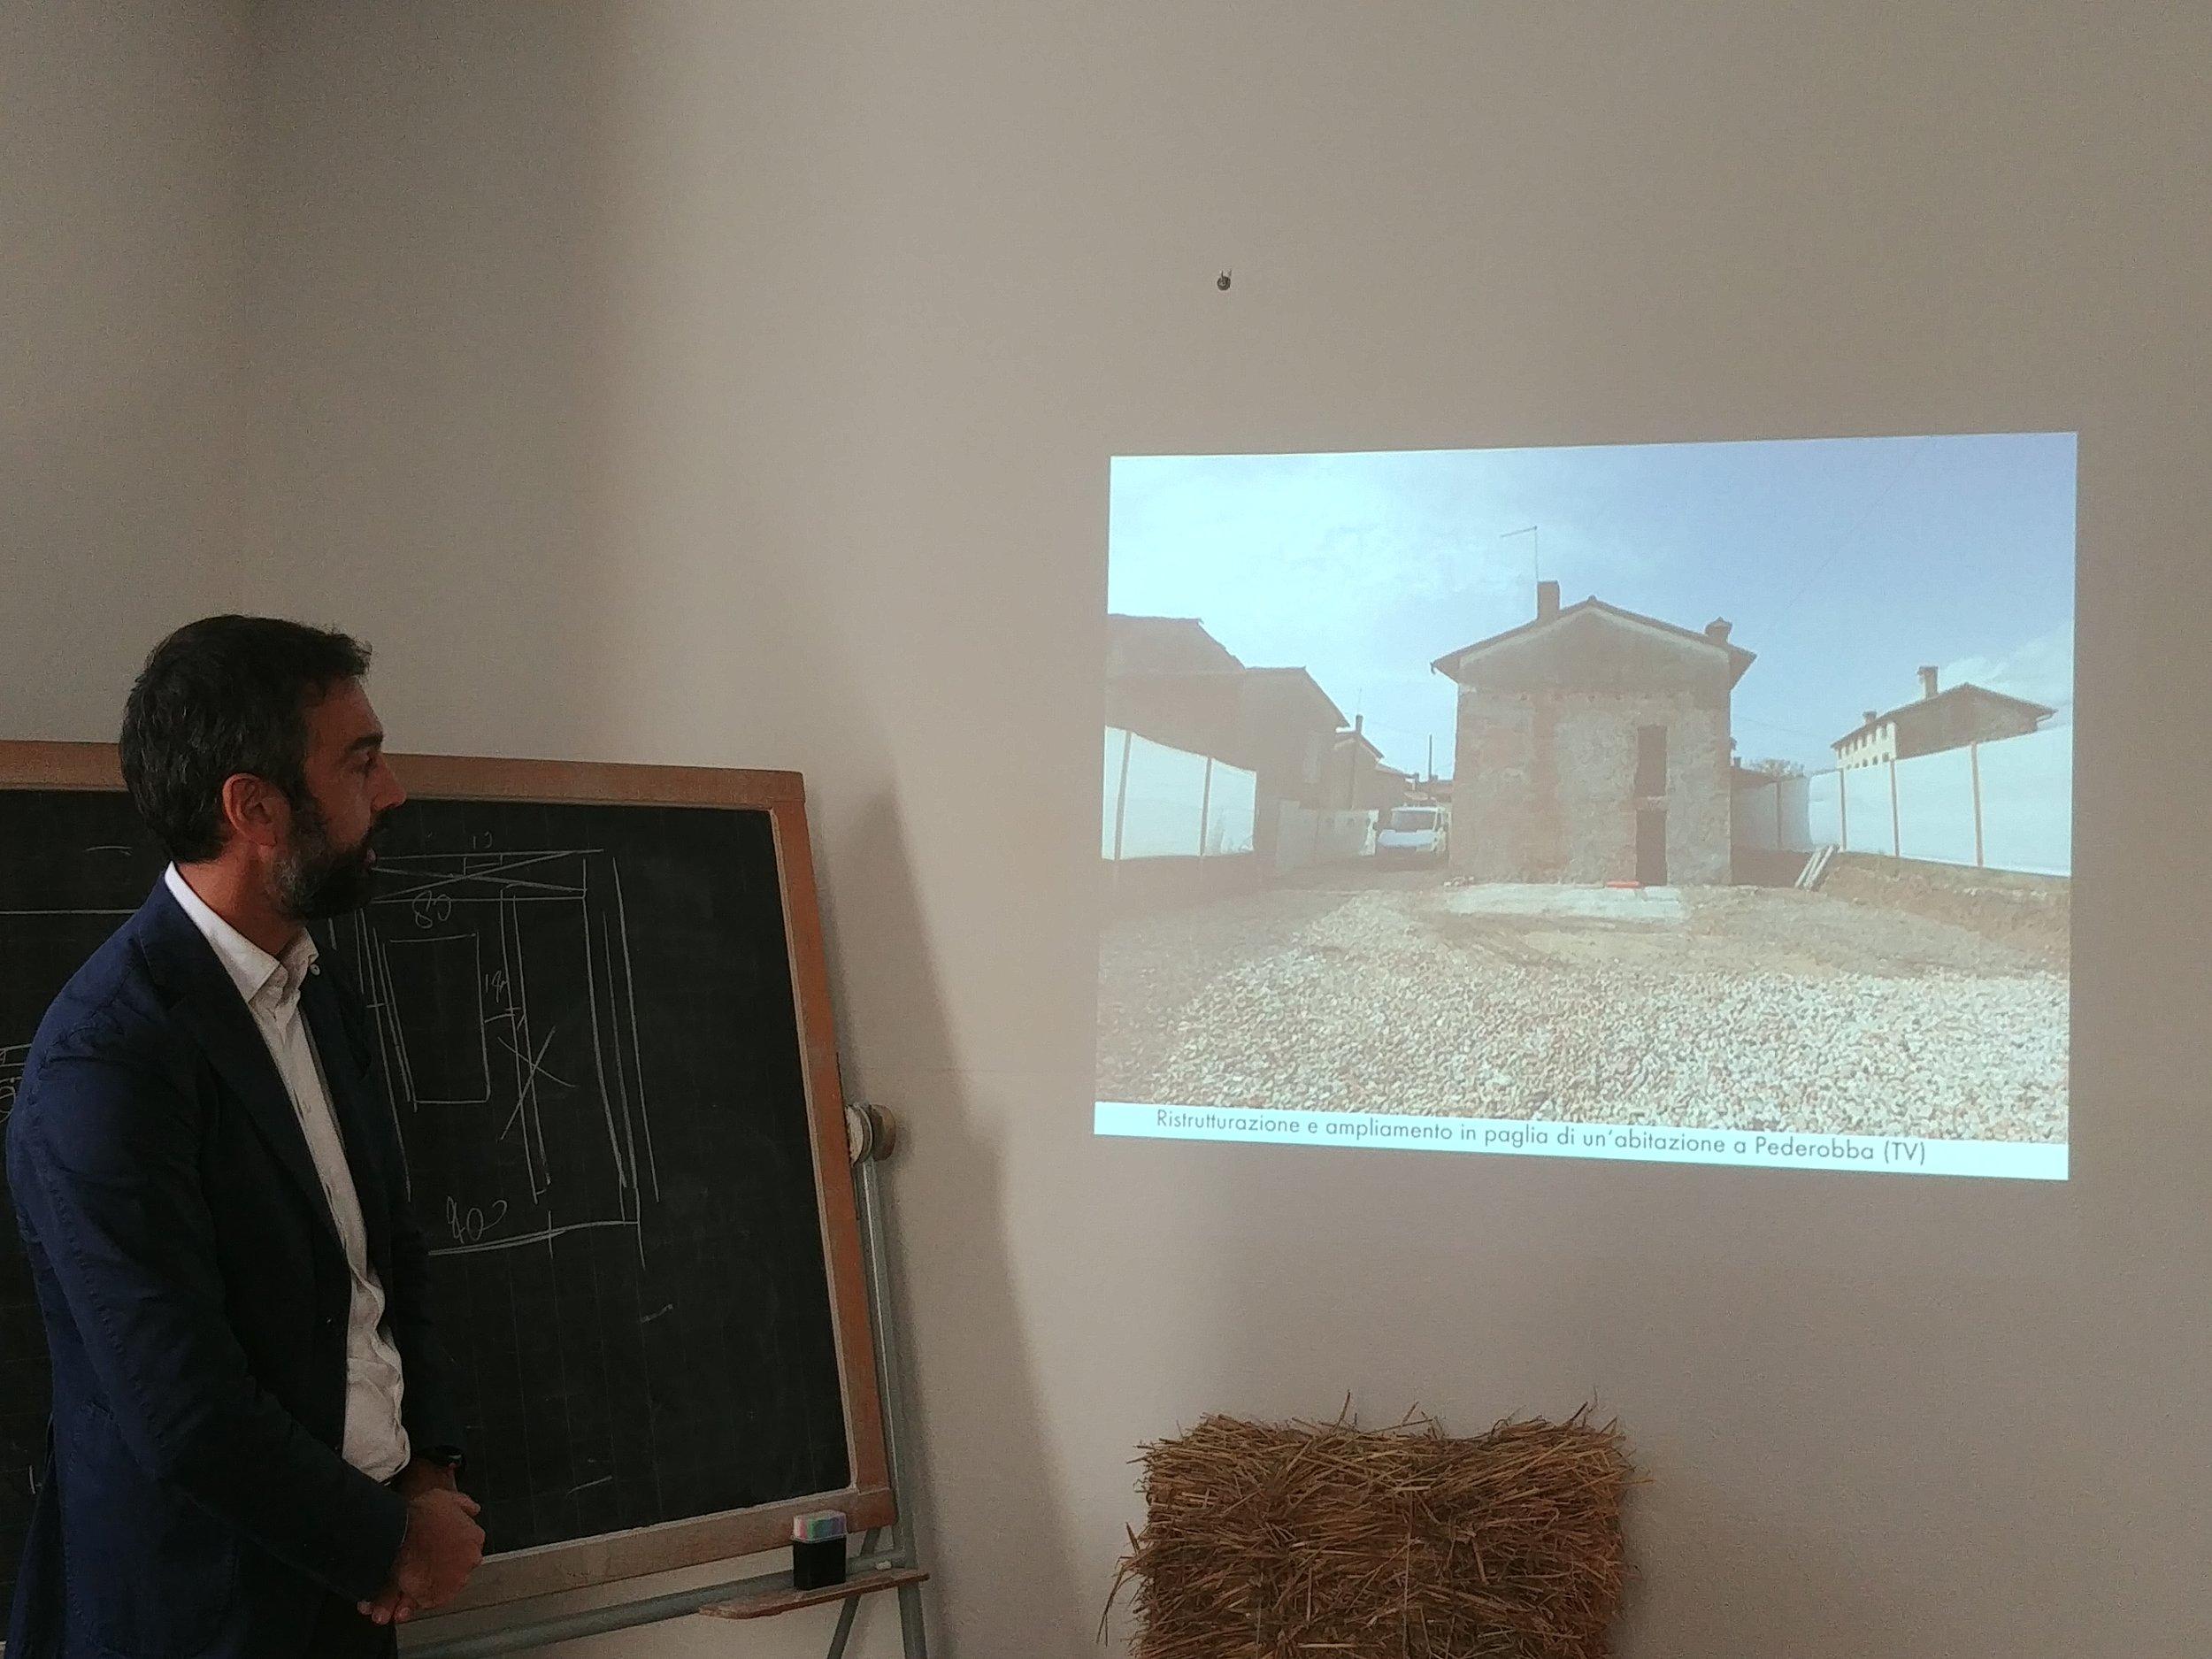 edifici-di-paglia-italia-eventi-dal-vivo.jpg